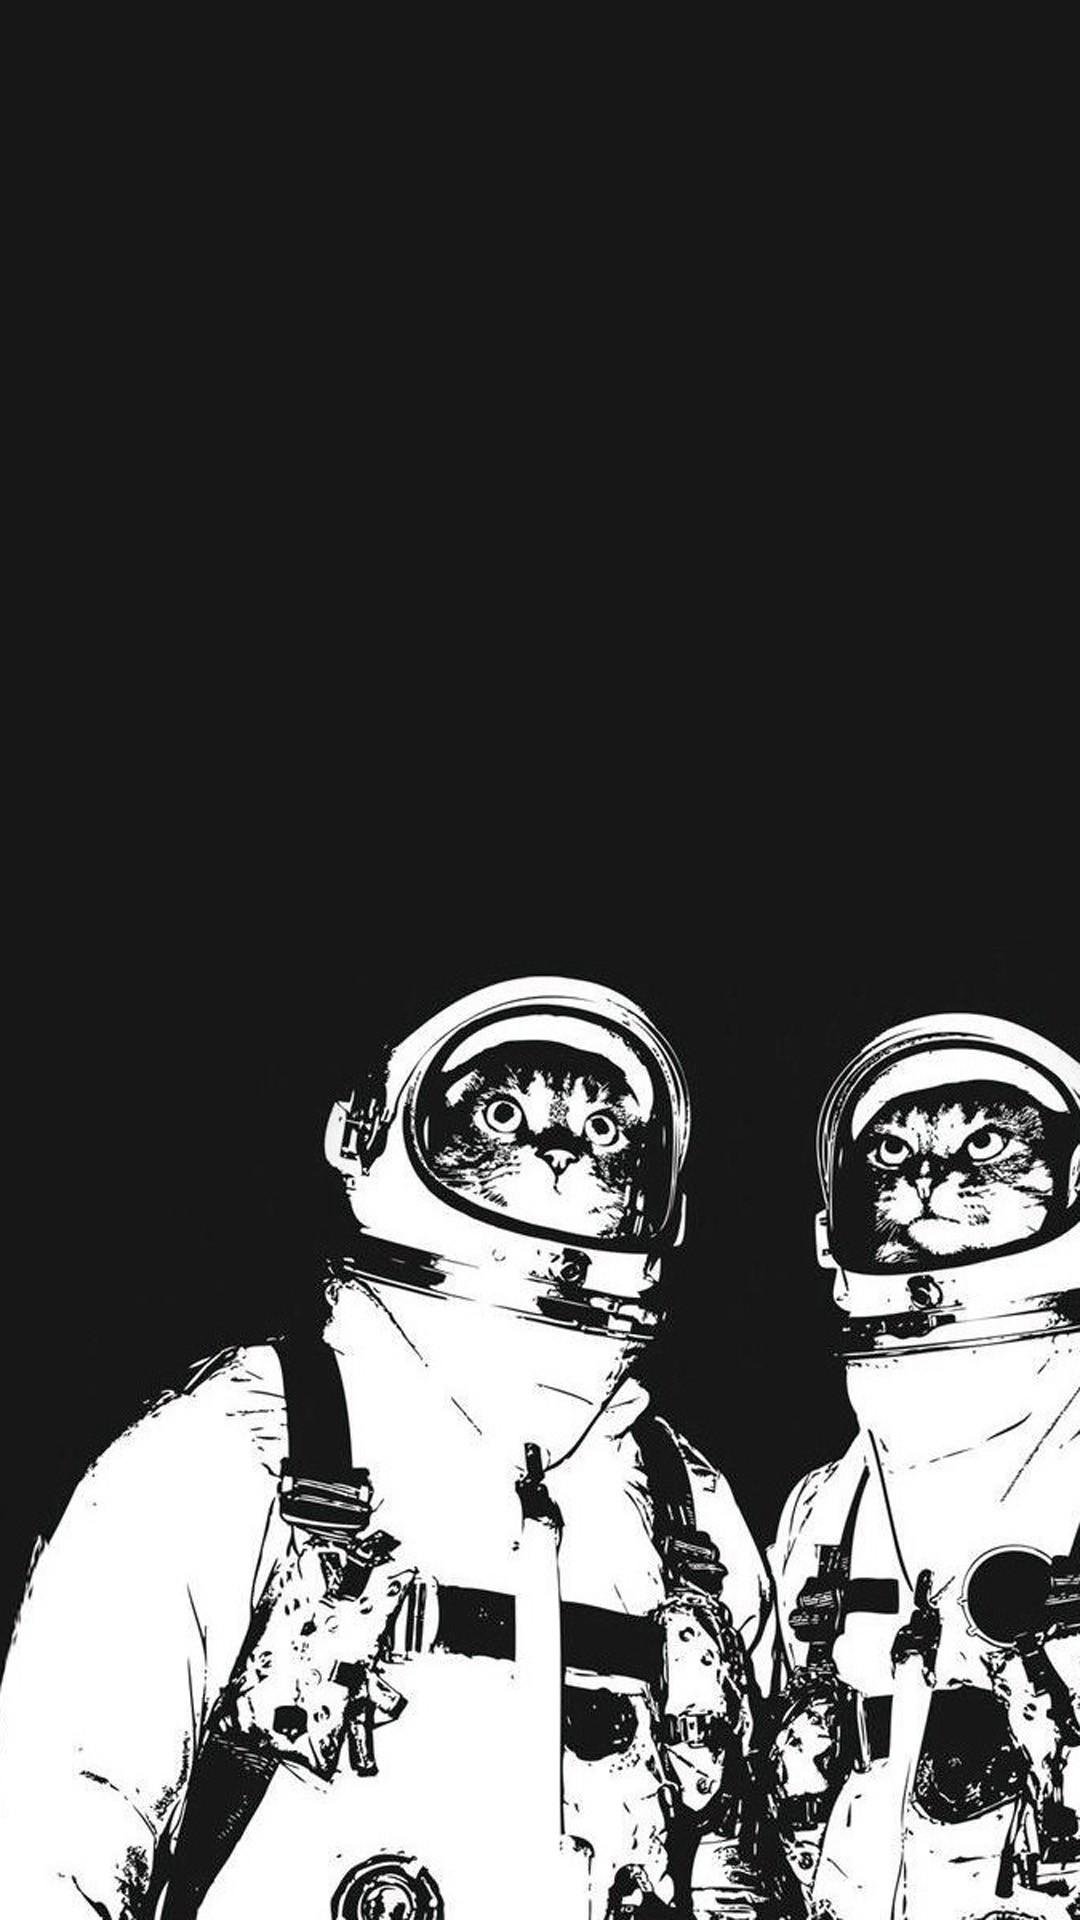 Autumn Fall Live Wallpaper Astronaut Iphone Background Hd Pixelstalk Net